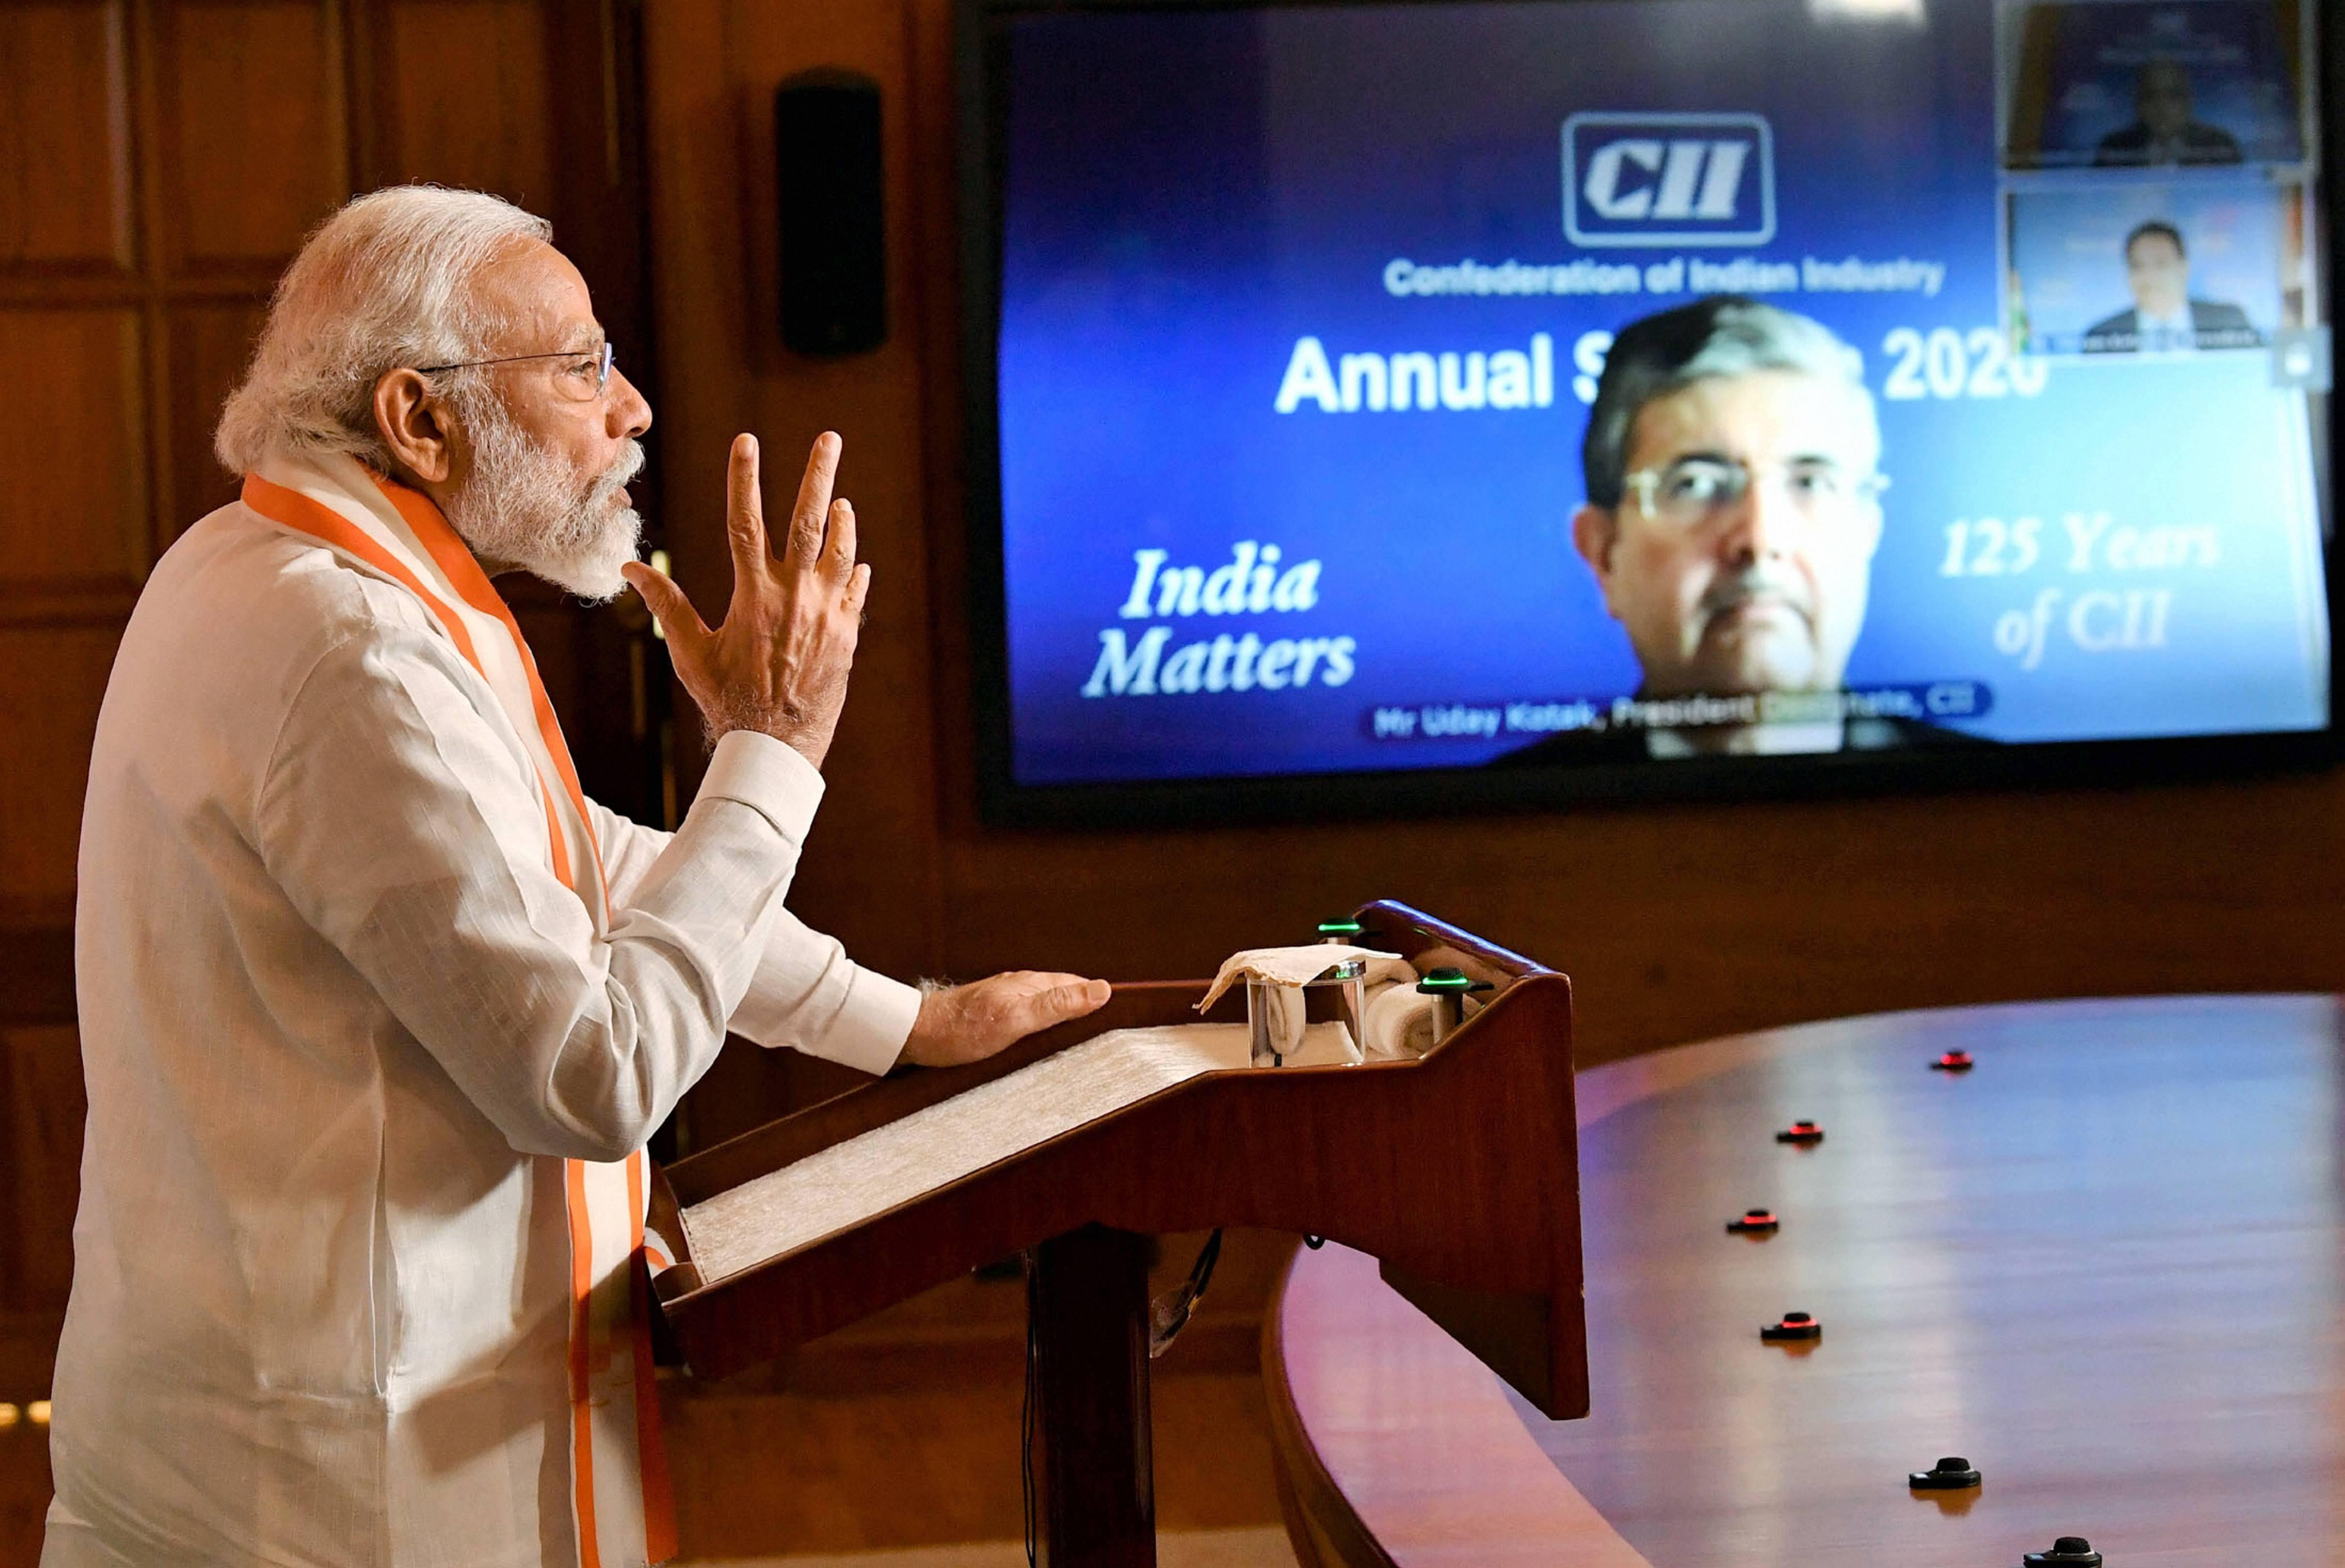 Prime Minister Narendra Modi addresses the CII Annual Session-2020 via video conferencing, in New Delhi, Tuesday, June 2, 2020.